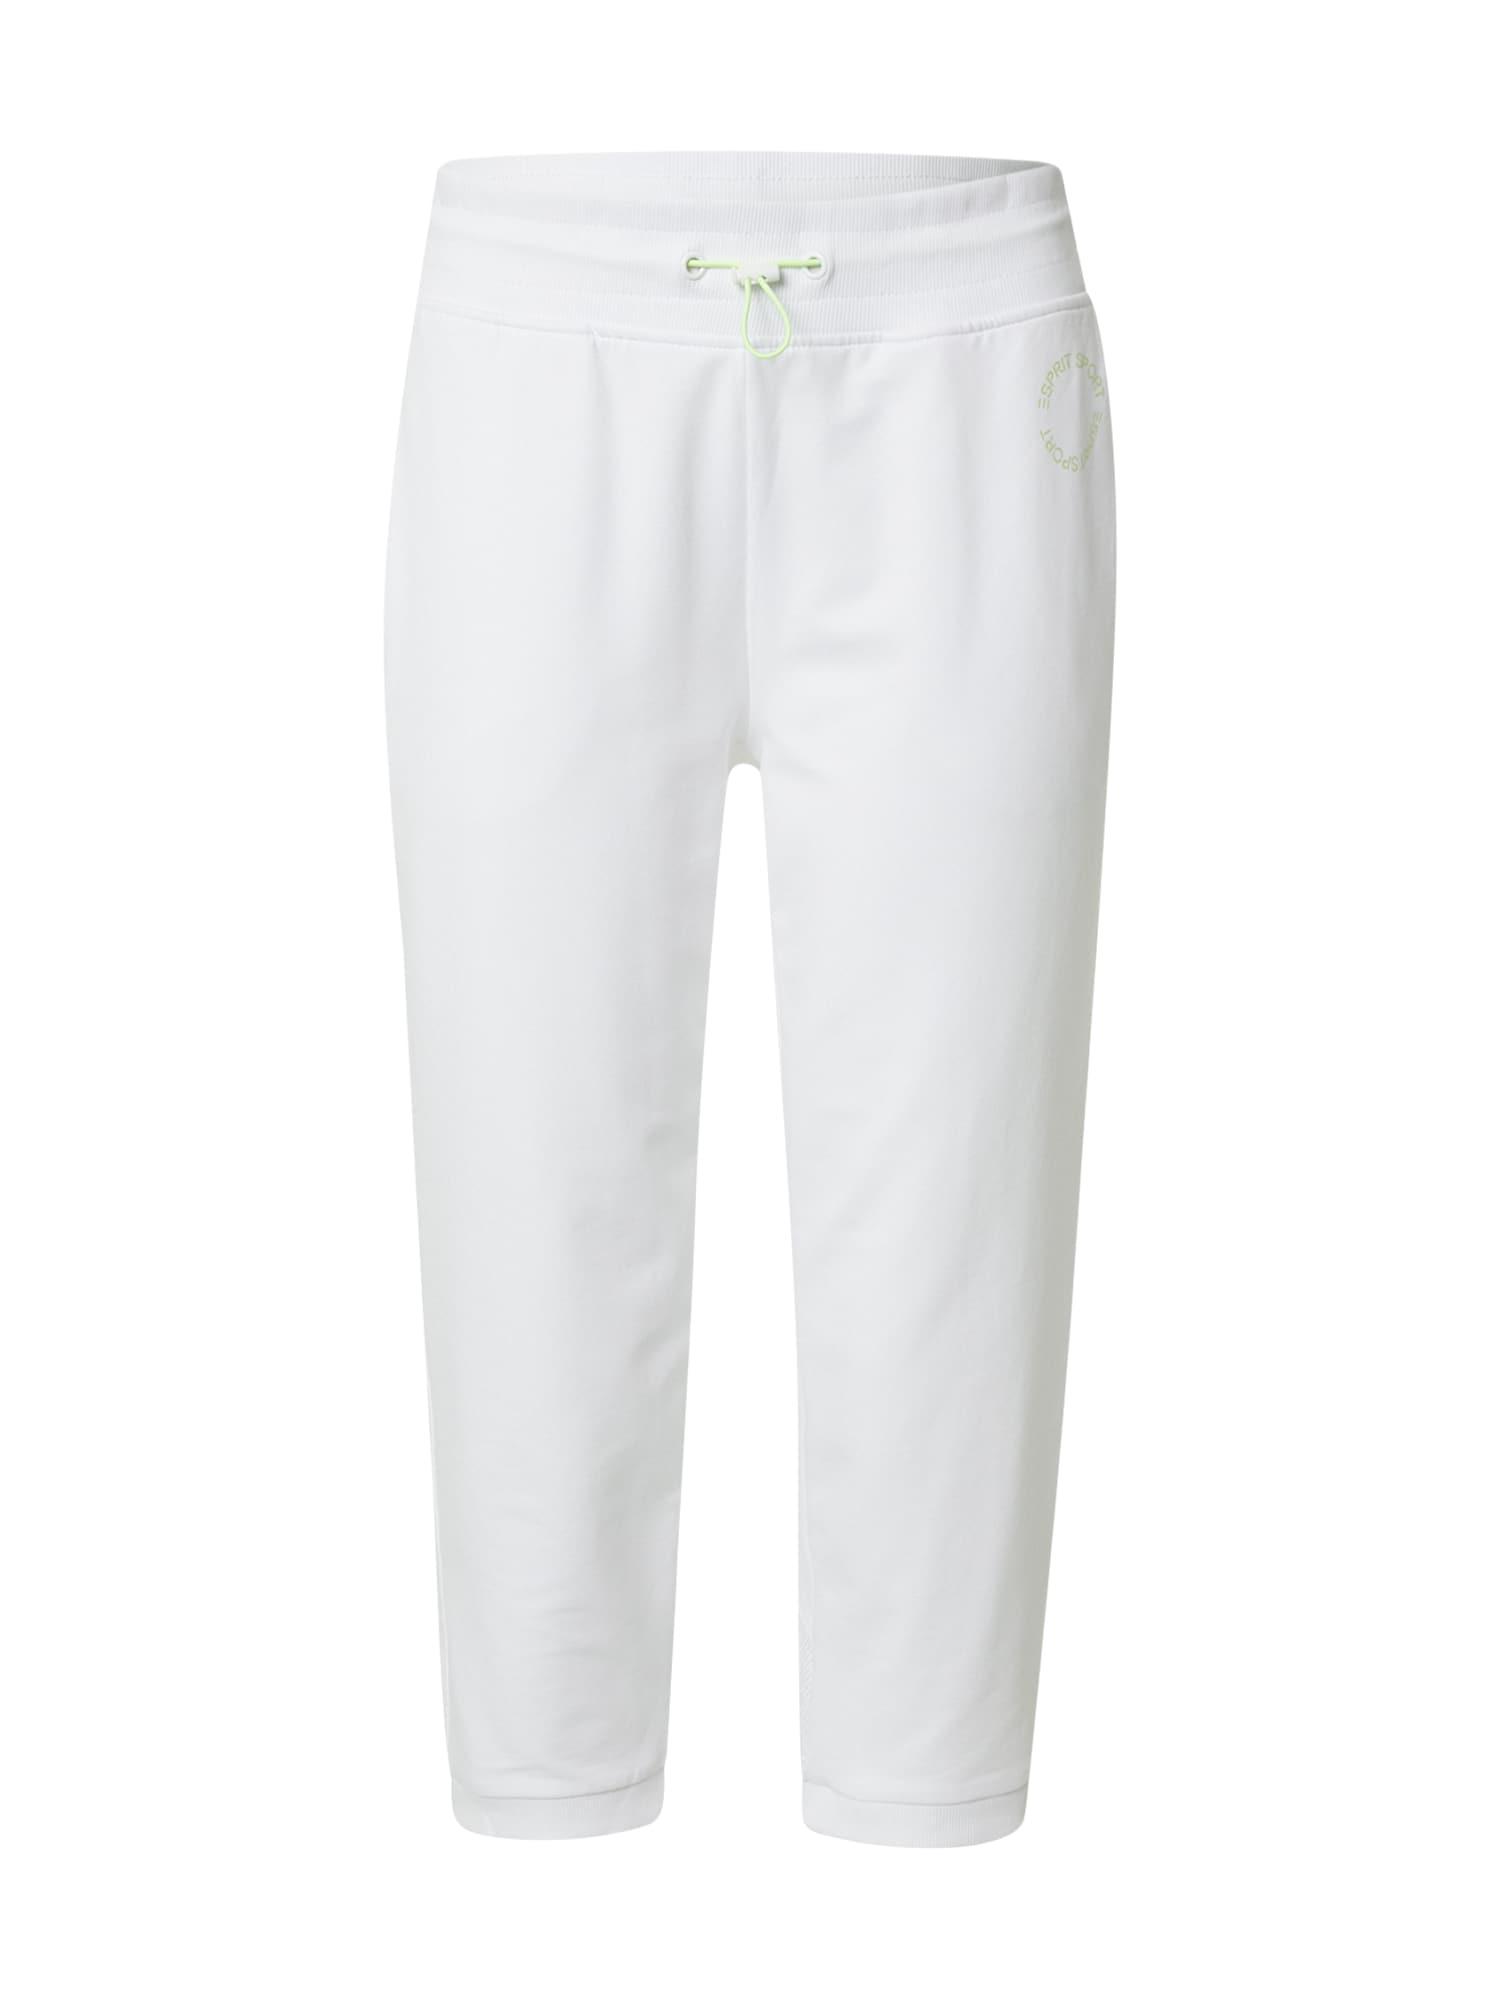 ESPRIT SPORT Sportinės kelnės balta / šviesiai žalia